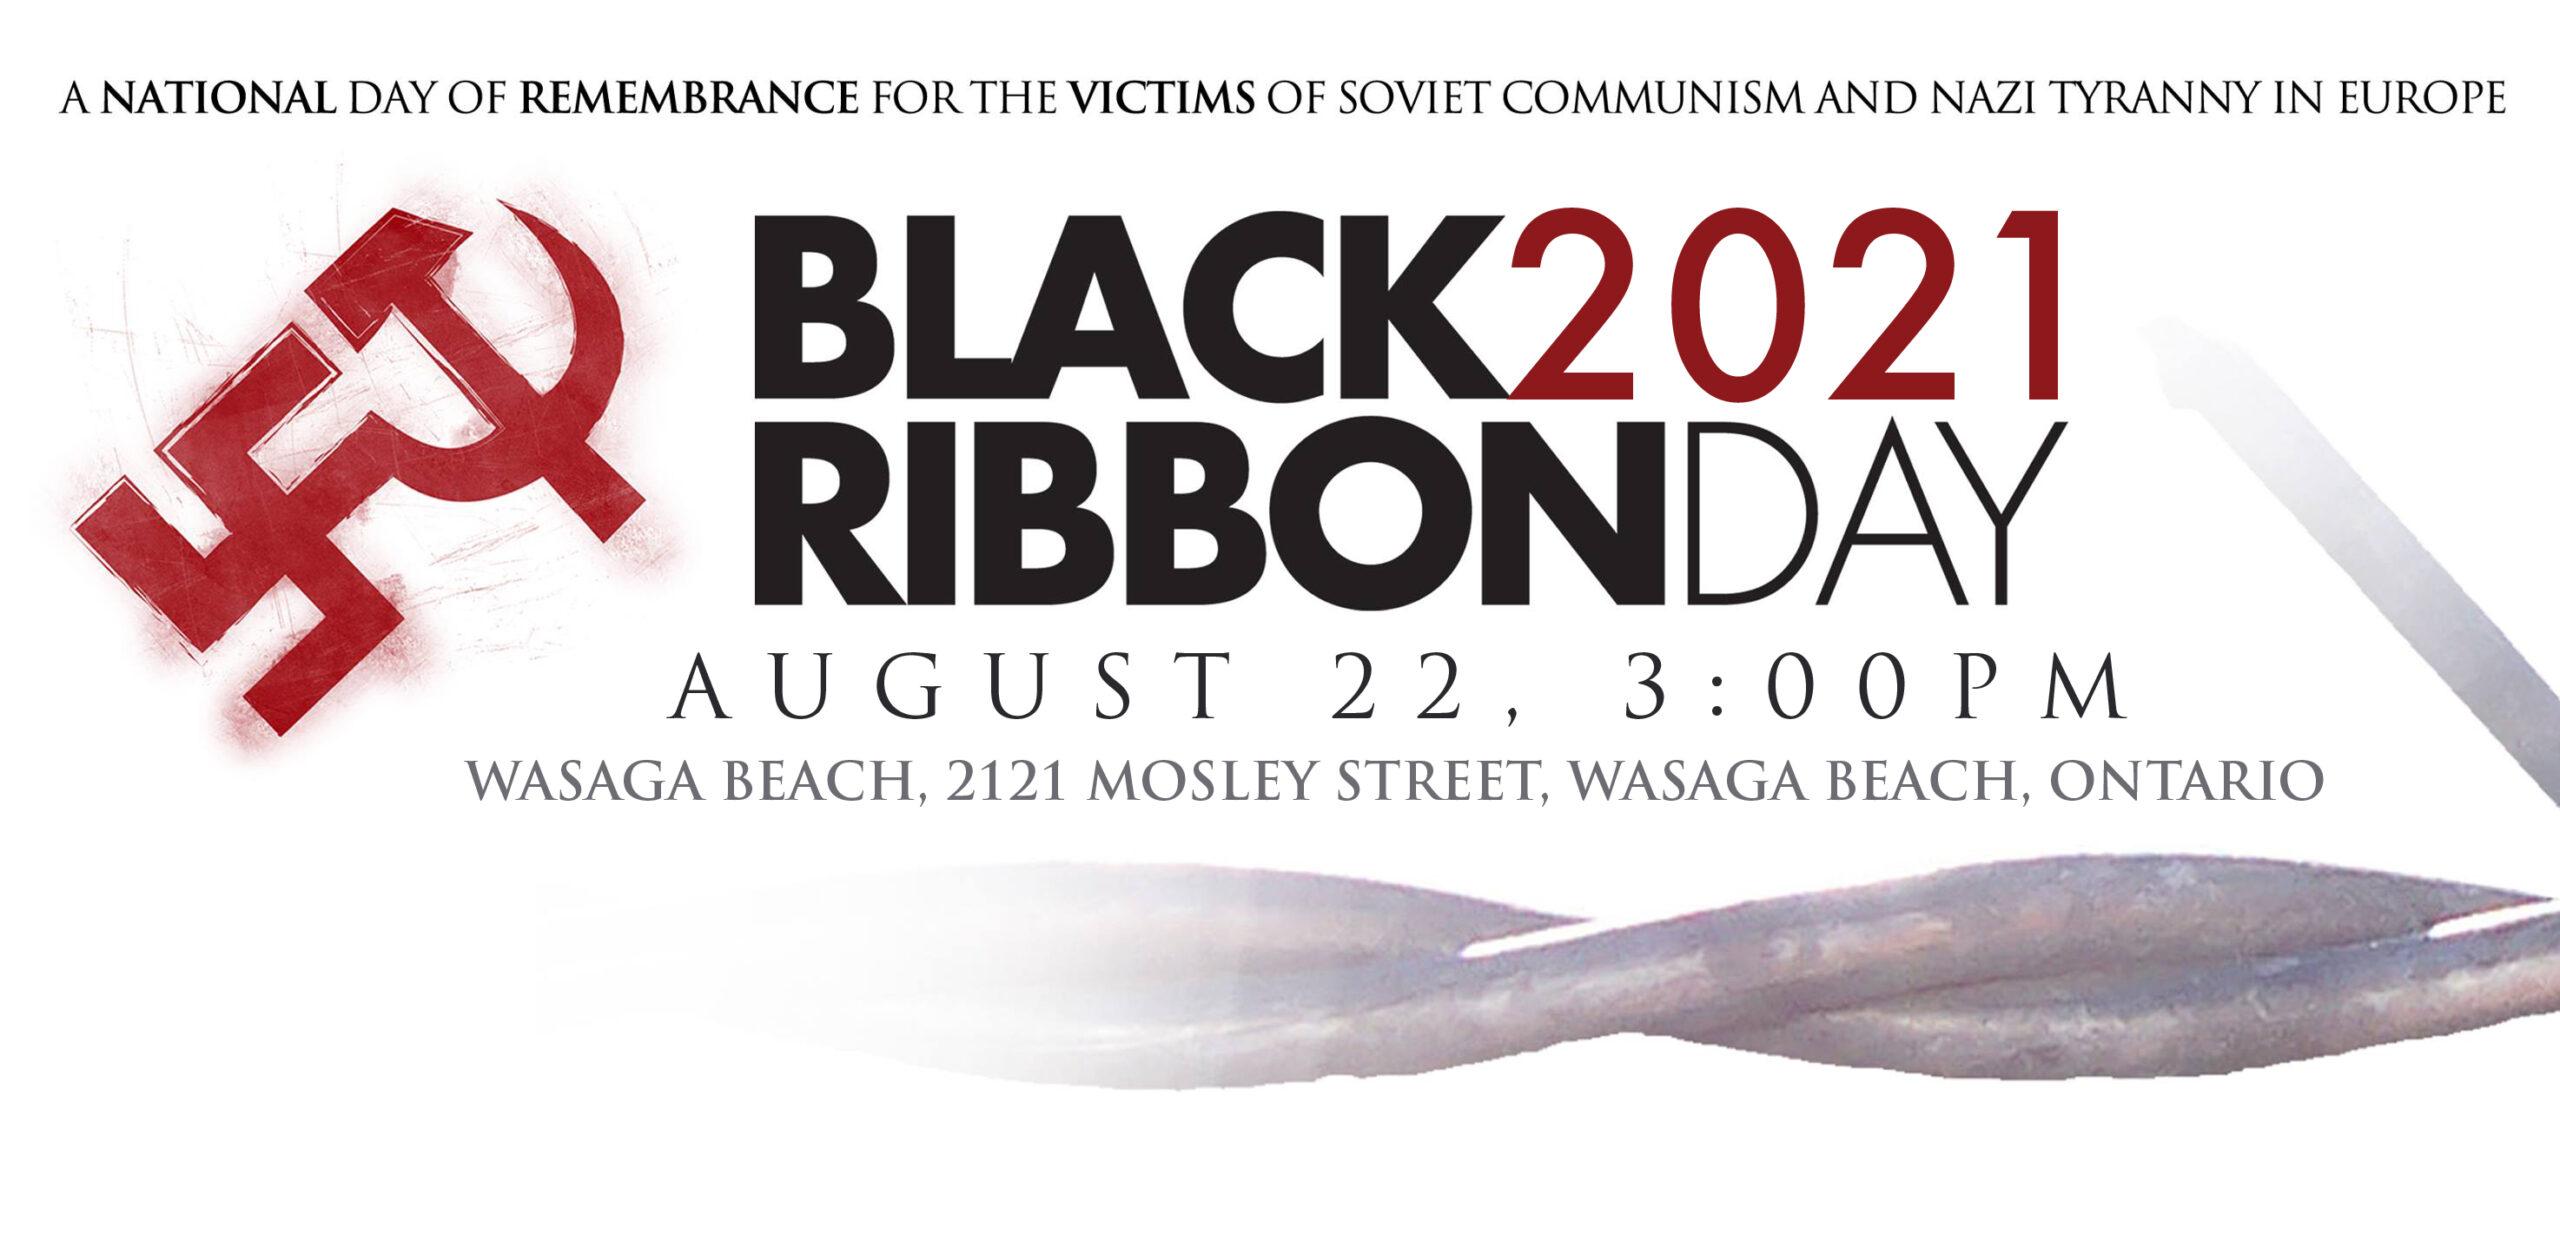 Black Ribbon Day 2021 Wasaga Beach